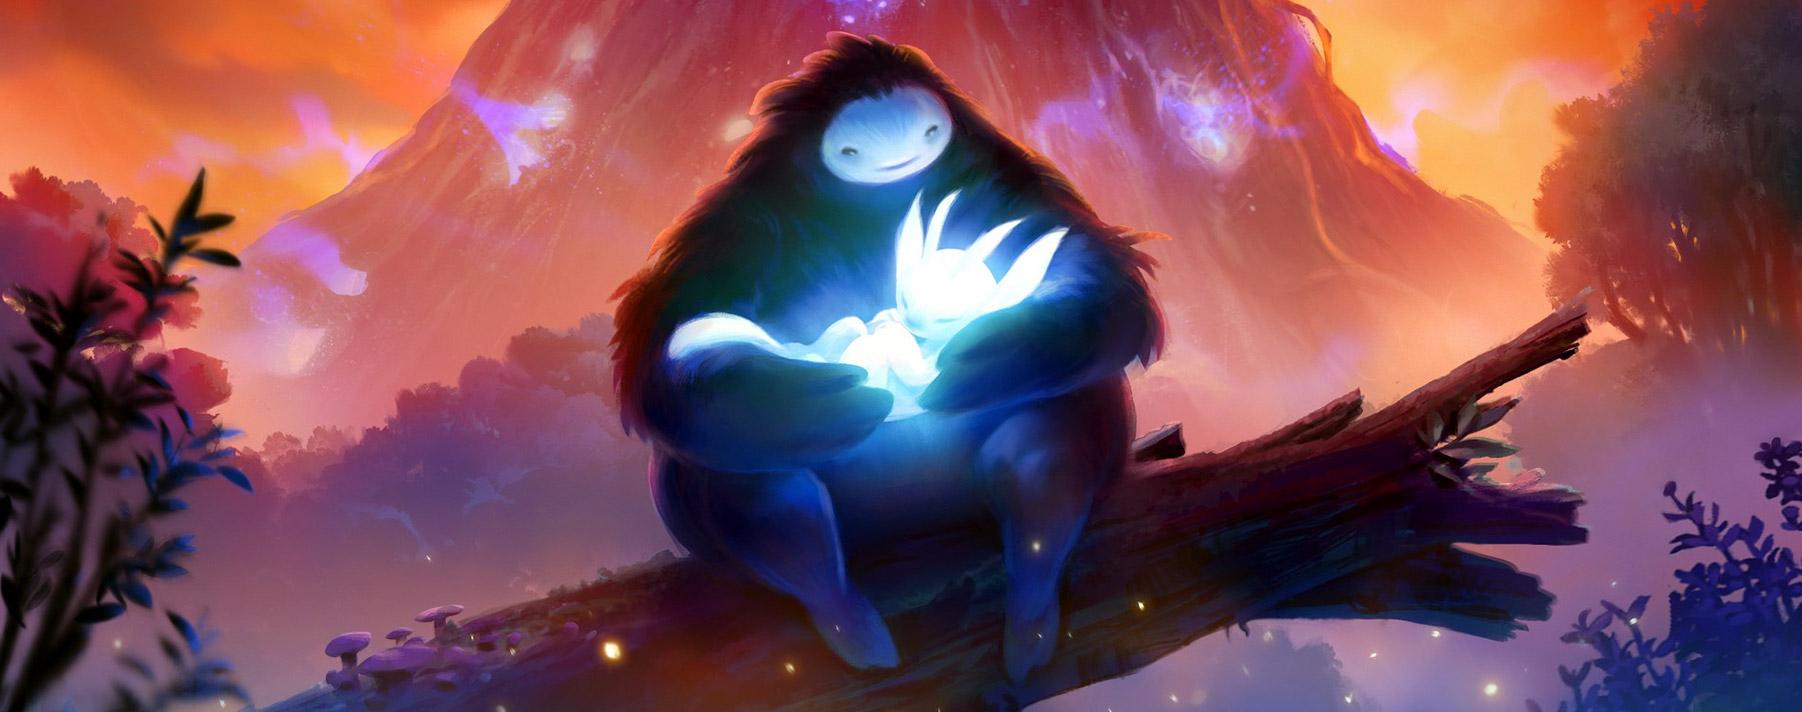 Ori and the Blind Forest. El juego que está situado en un bosque, como su nombre lo indica, se inspiró por El rey león y El gigante de hierro.